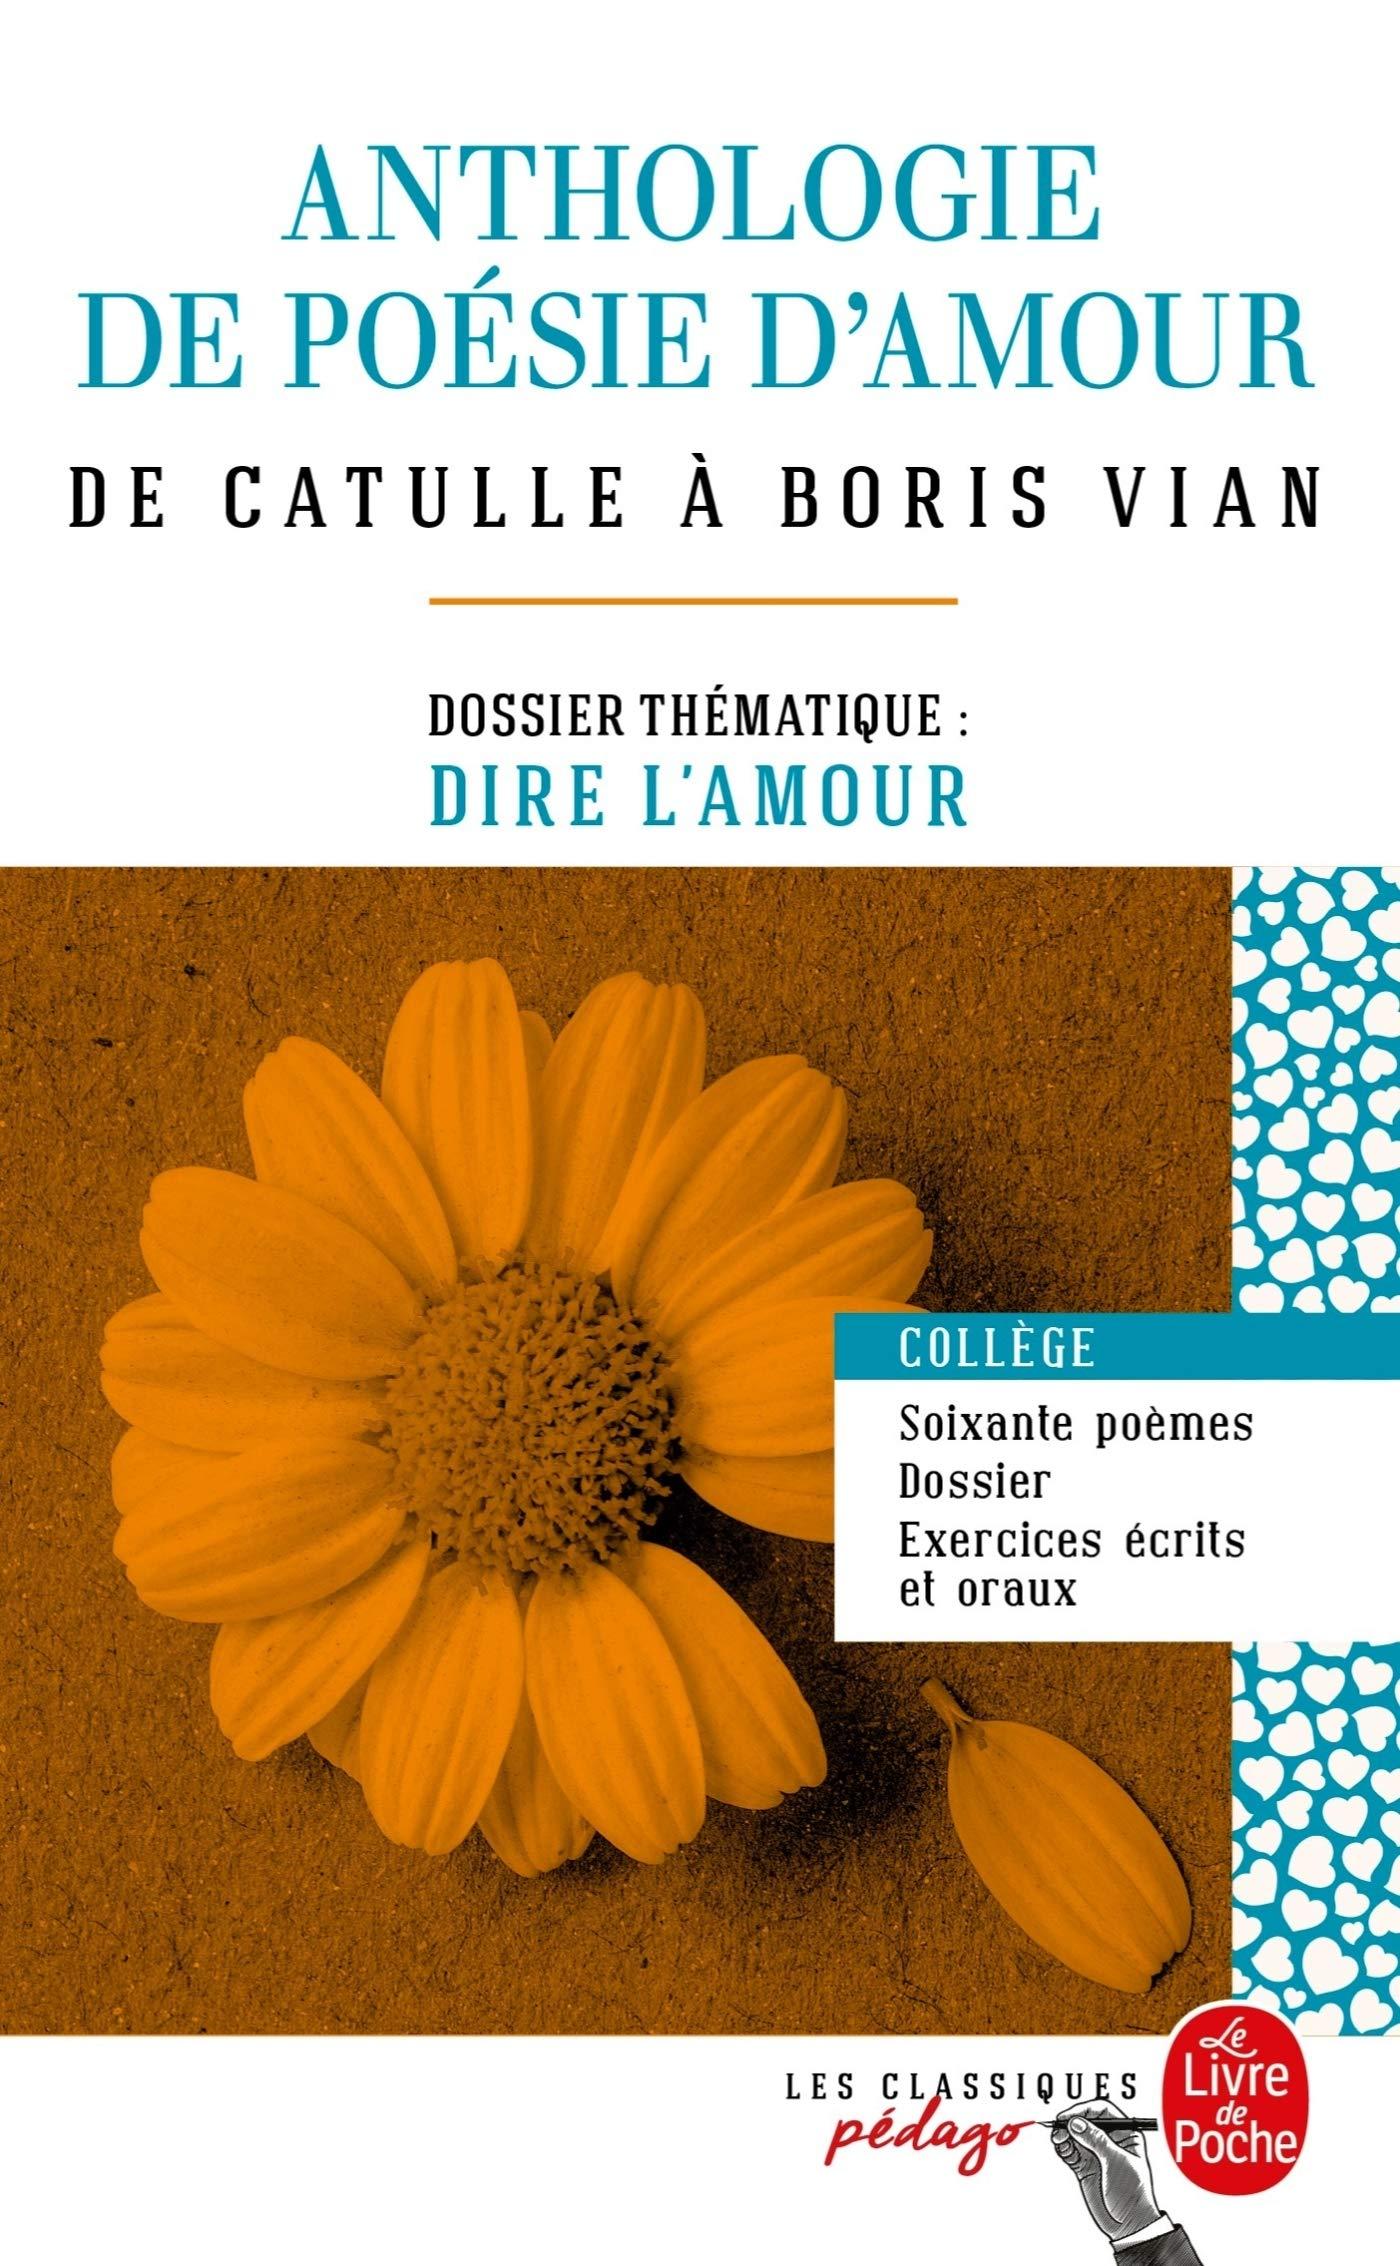 Anthologie De Poésie Damour Edition Pédagogique Dossier